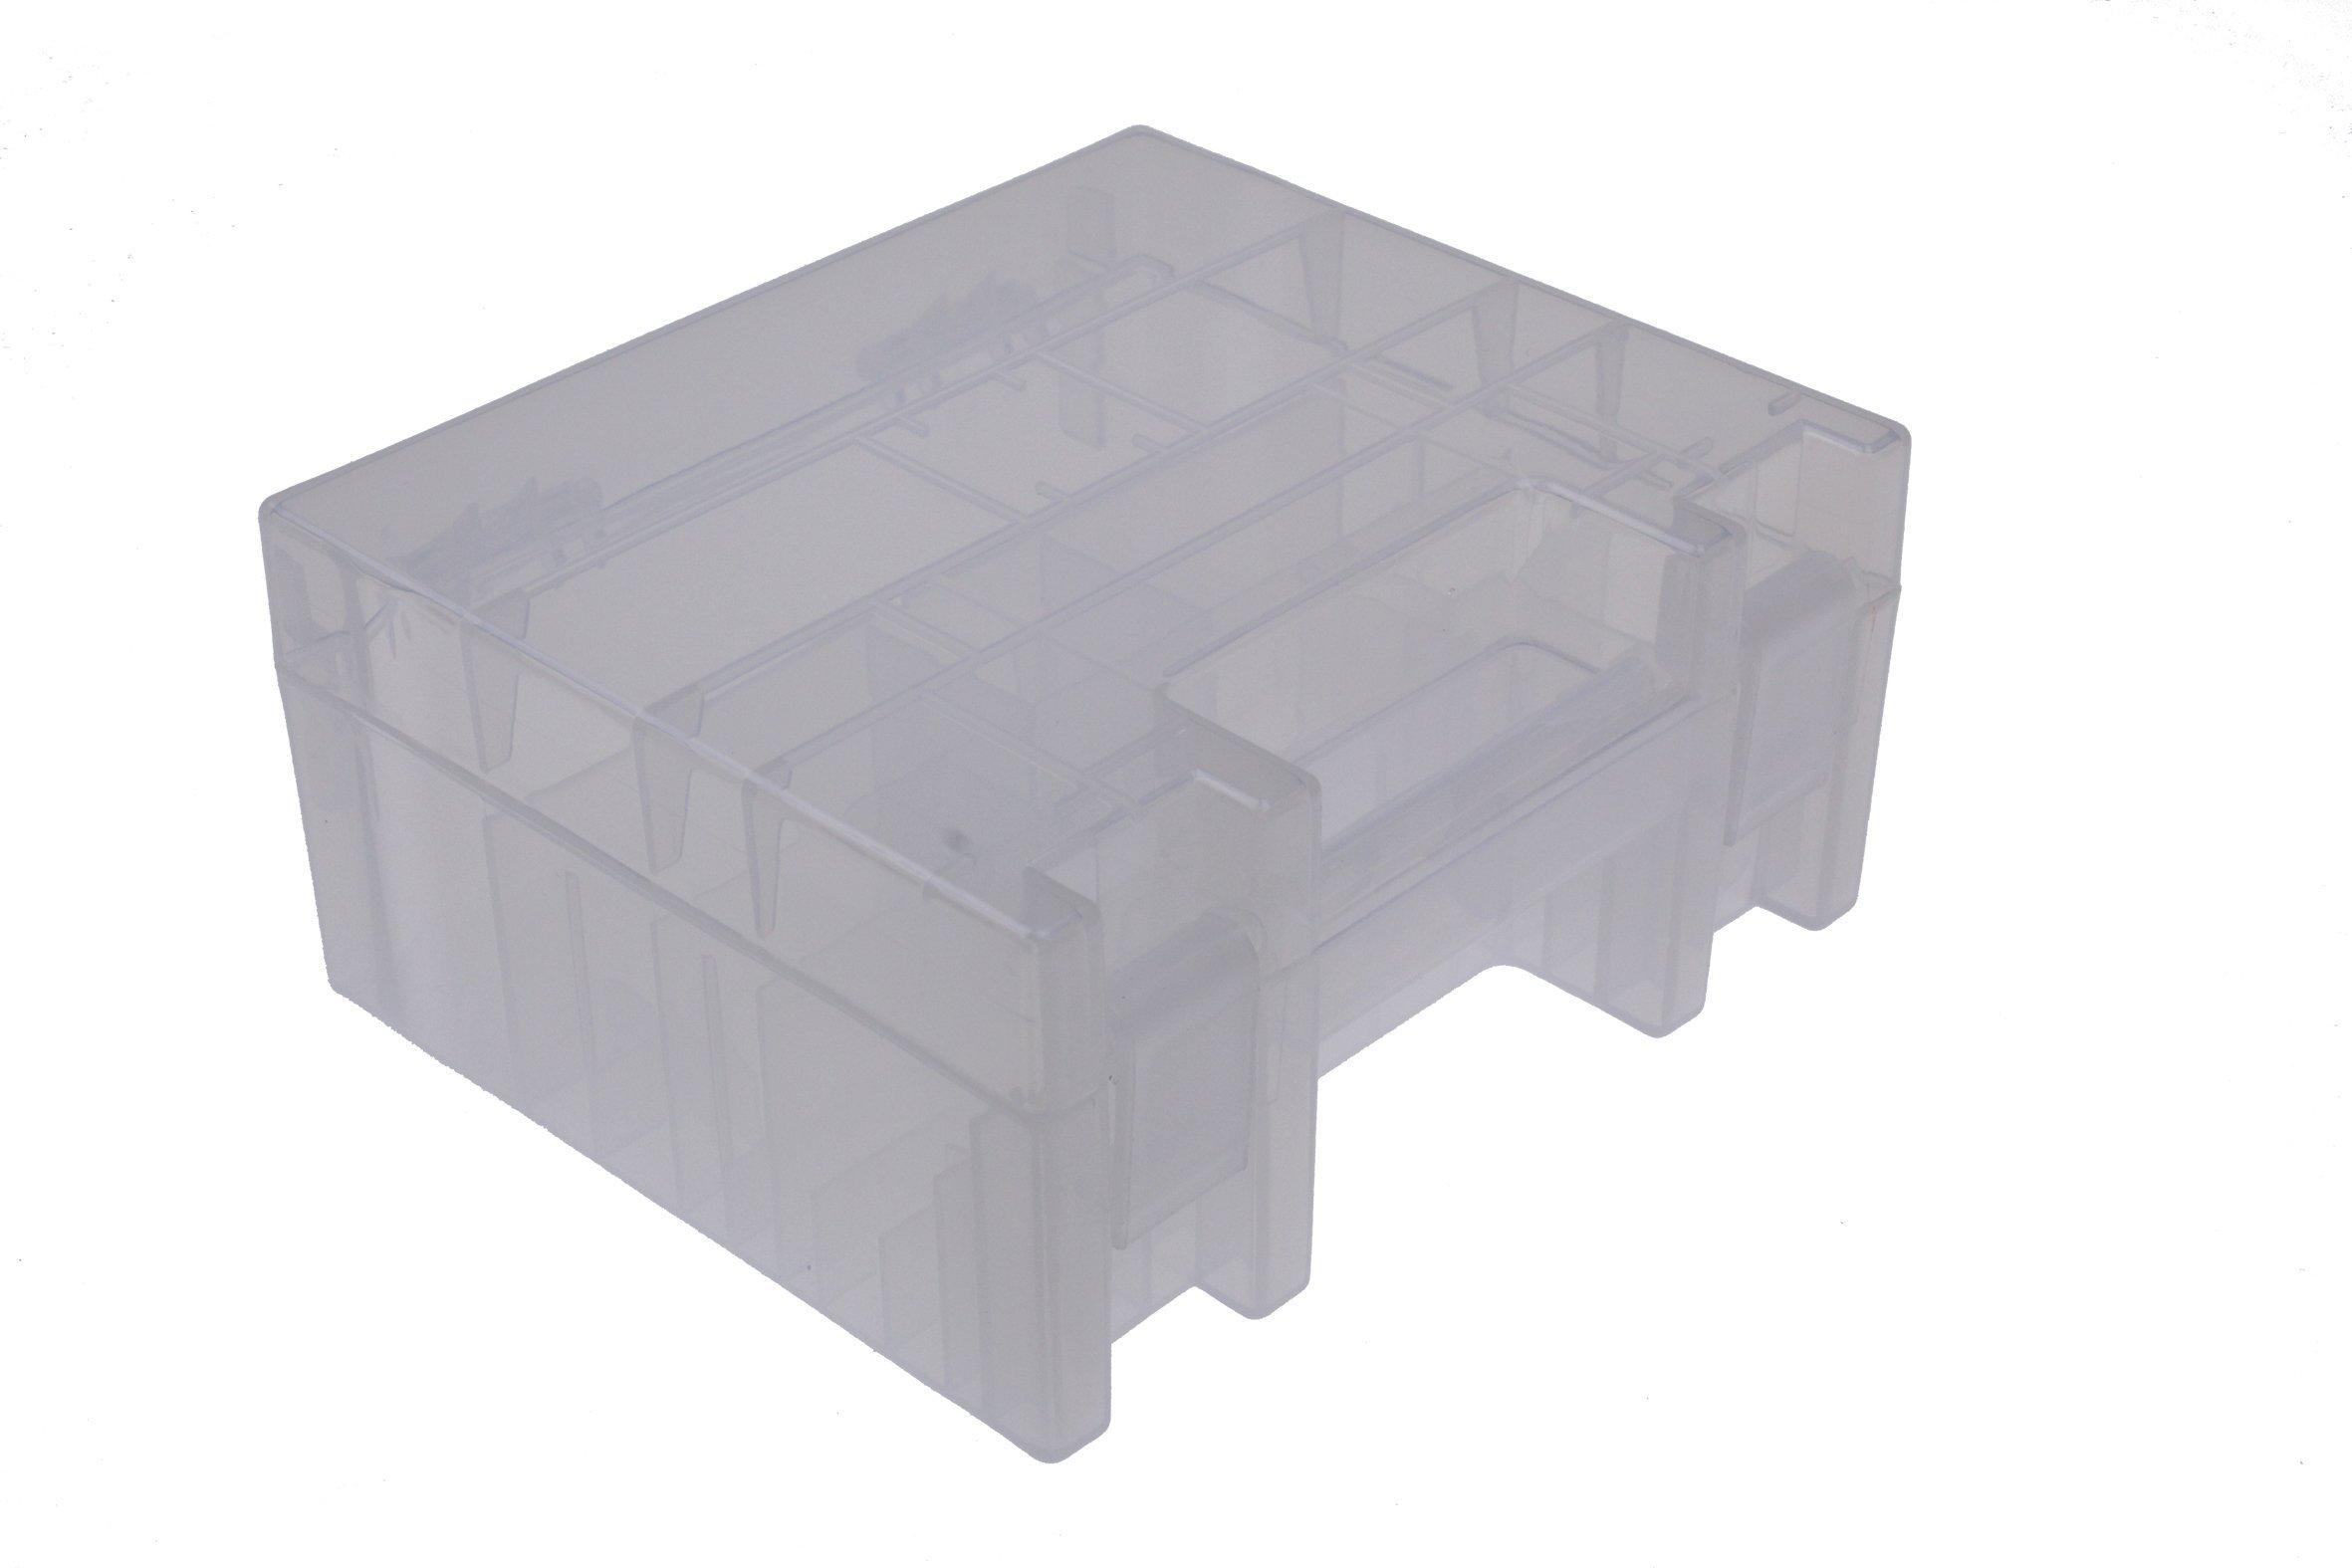 Ansmann Premium Batería Caja para 4 Mignon AA o Micro AAA Baterías y Pilas – Caja para Proteger y Transporte: Amazon.es: Electrónica